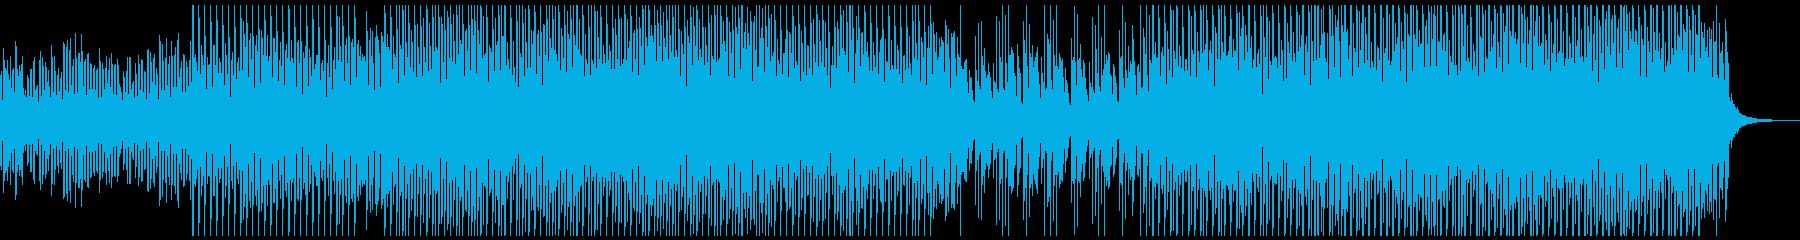 サンシャインポップミュージックの再生済みの波形